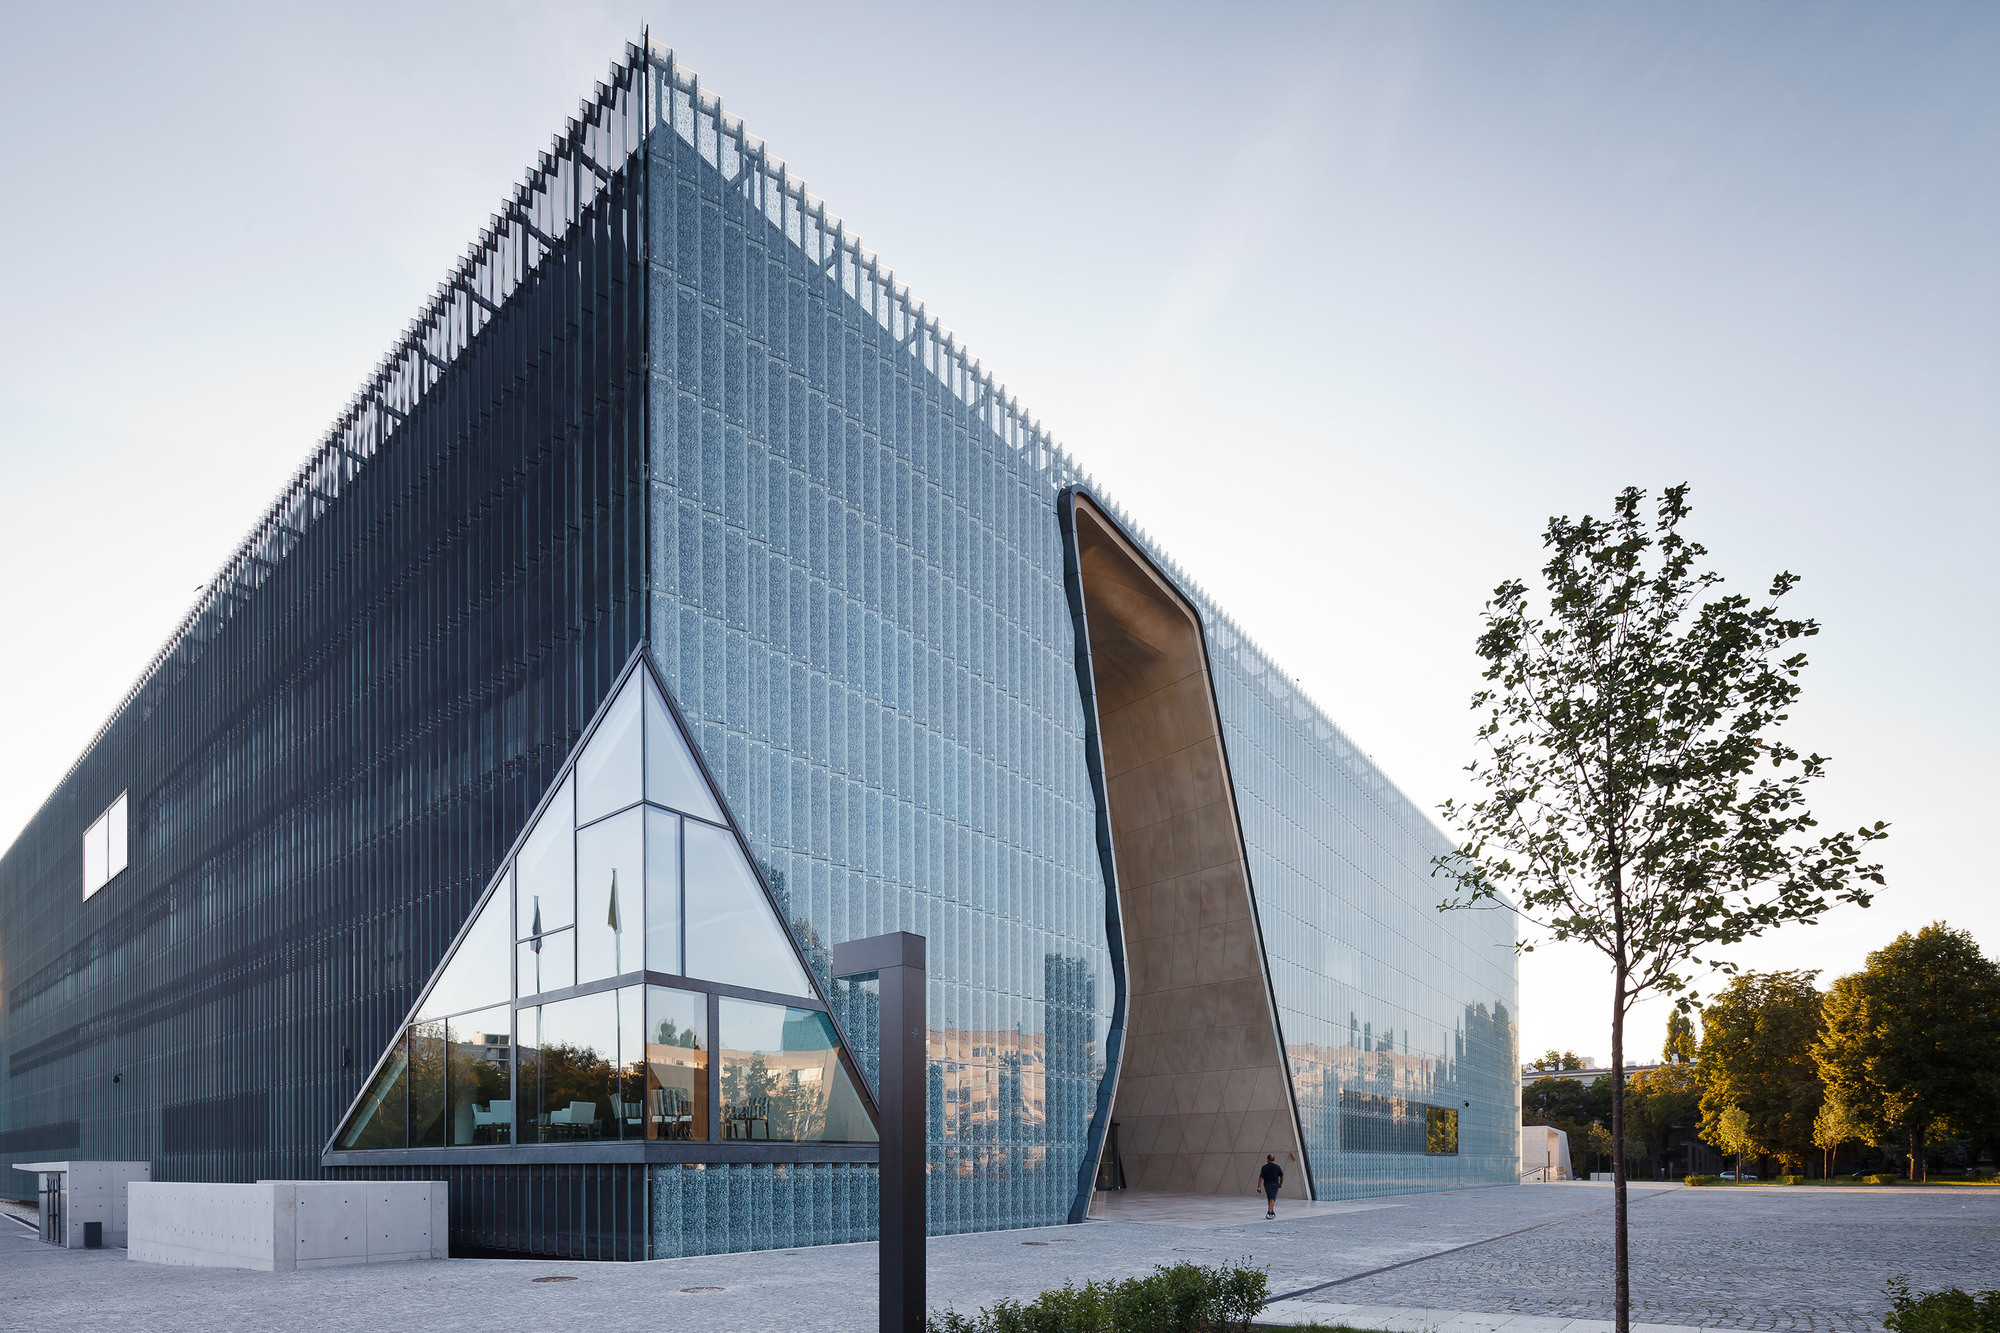 Museo de los Judíos Polacos – Lahdelma & Mahlamäki + Kuryłowicz & Associates. Image © Pawel Paniczko